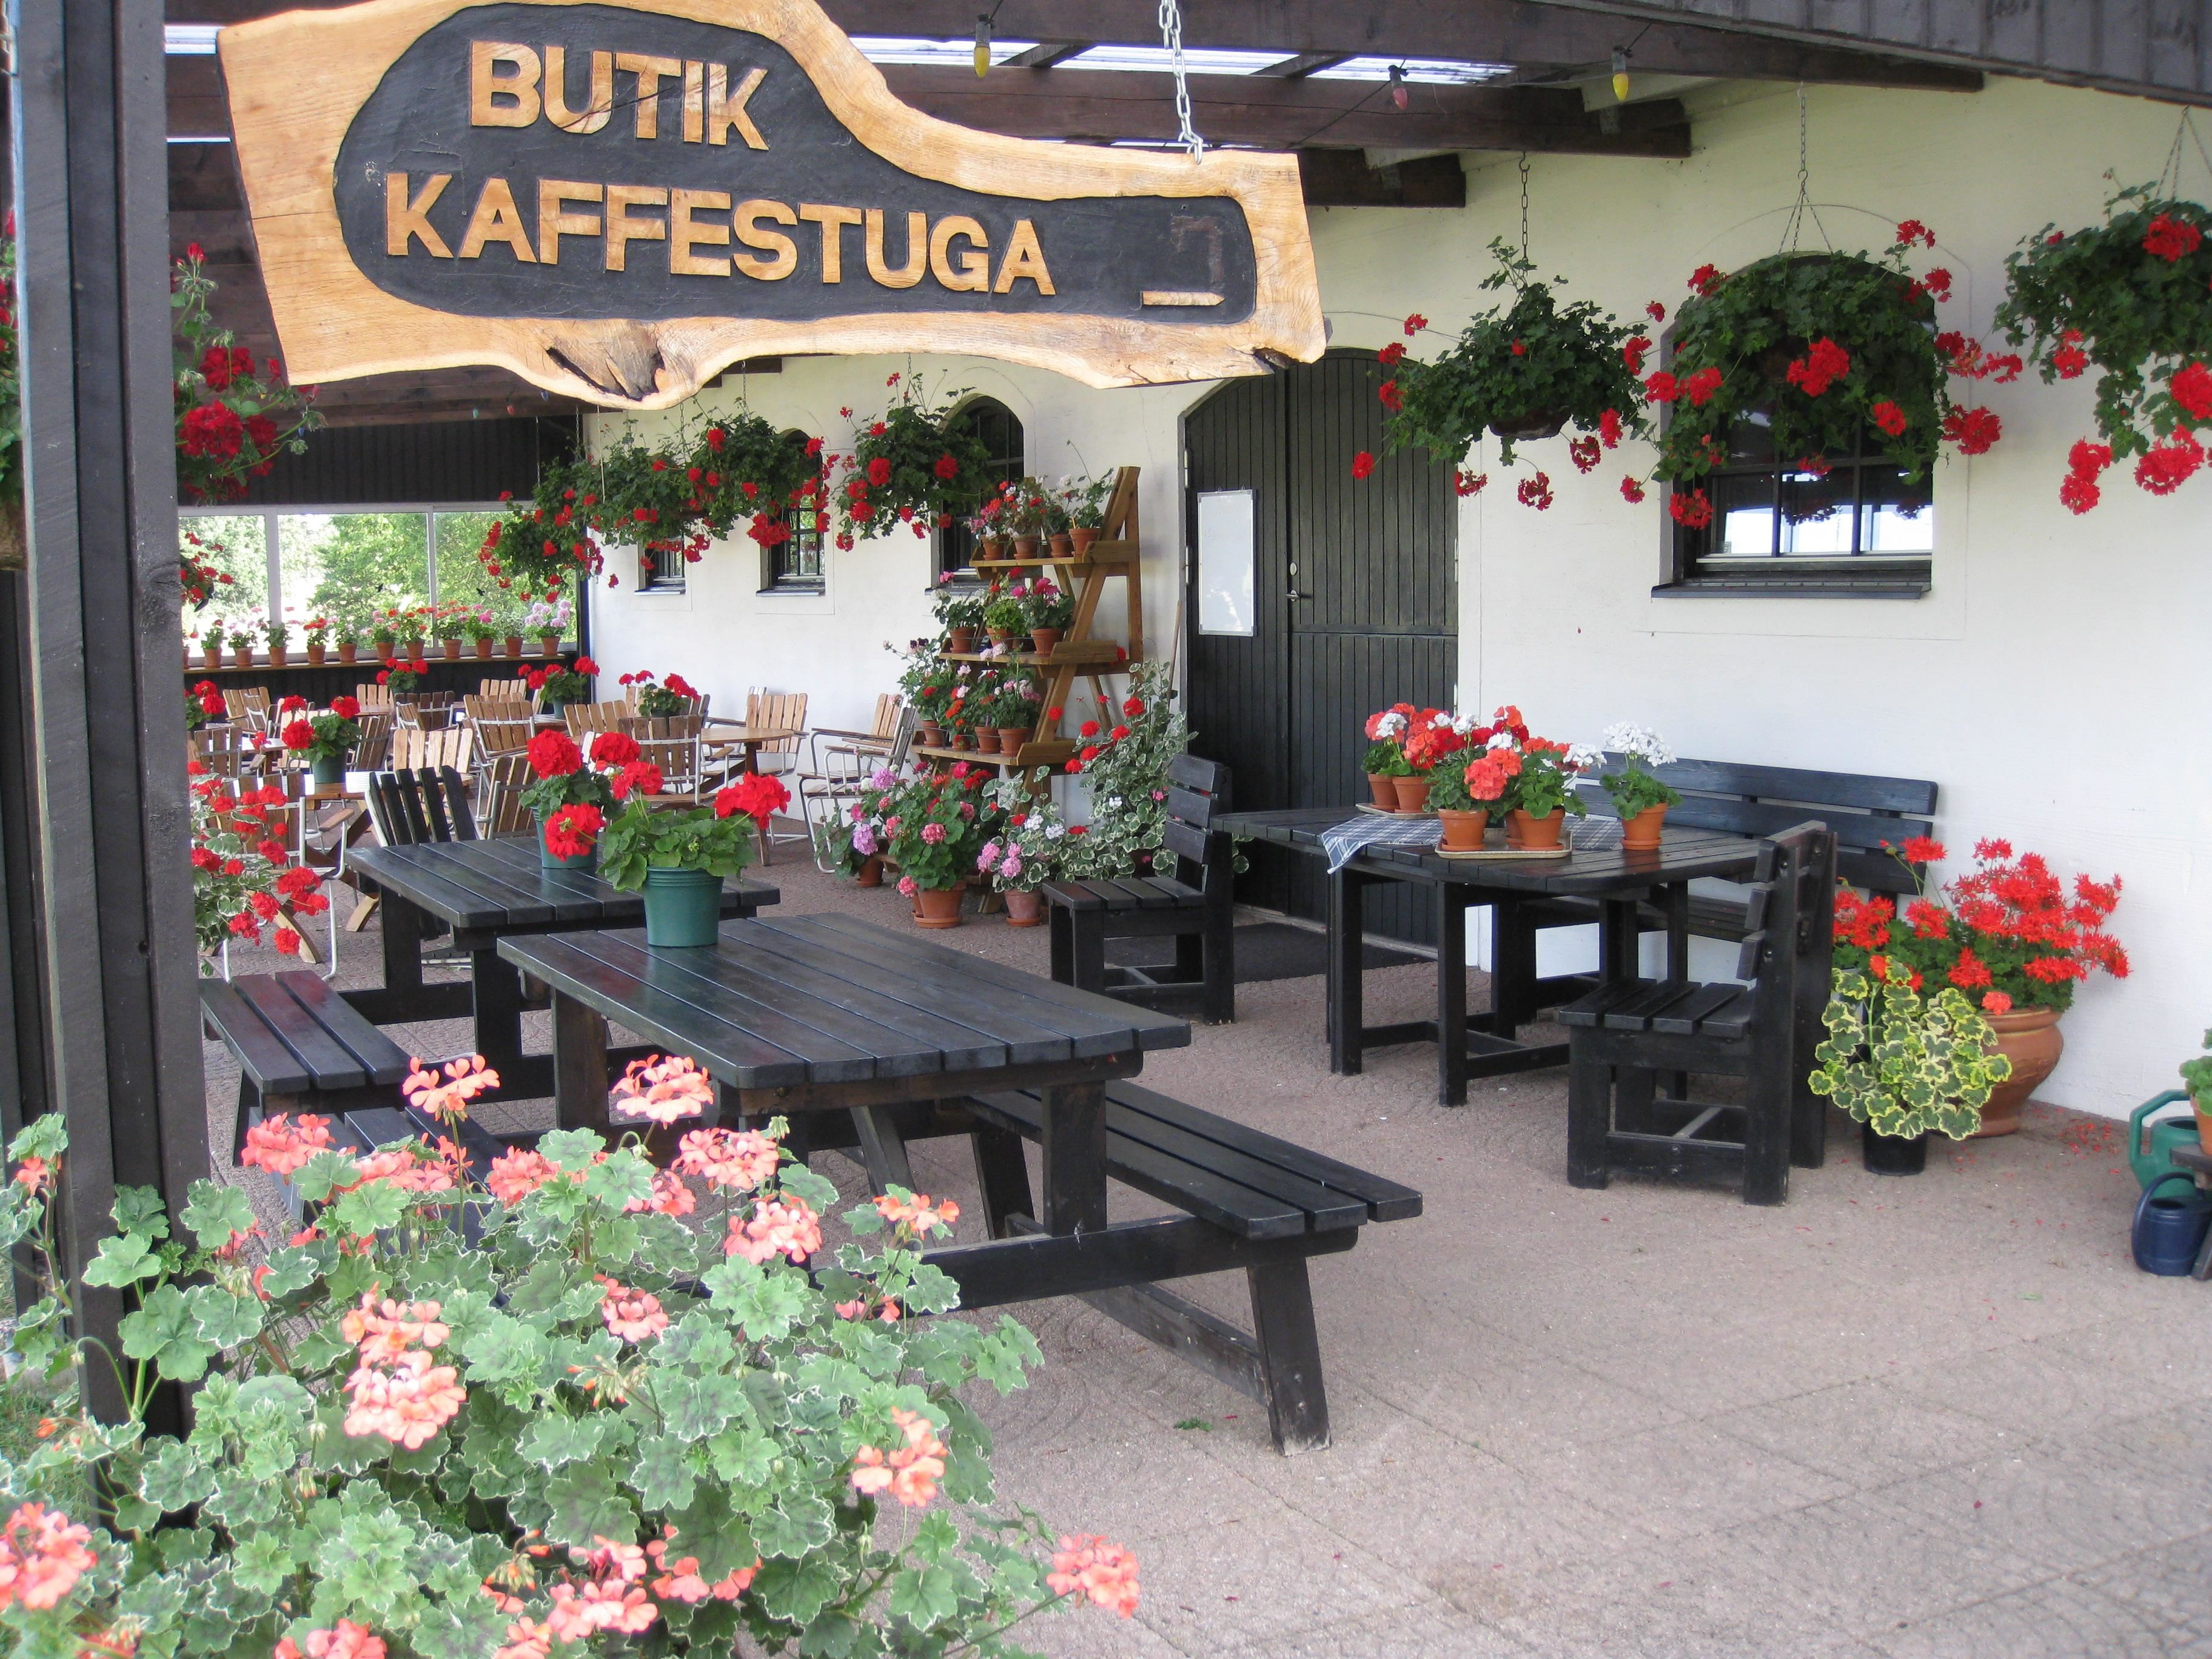 FOTO: Malin, Flädergården, Flädergårdens kaffestuga och gårdsbutik